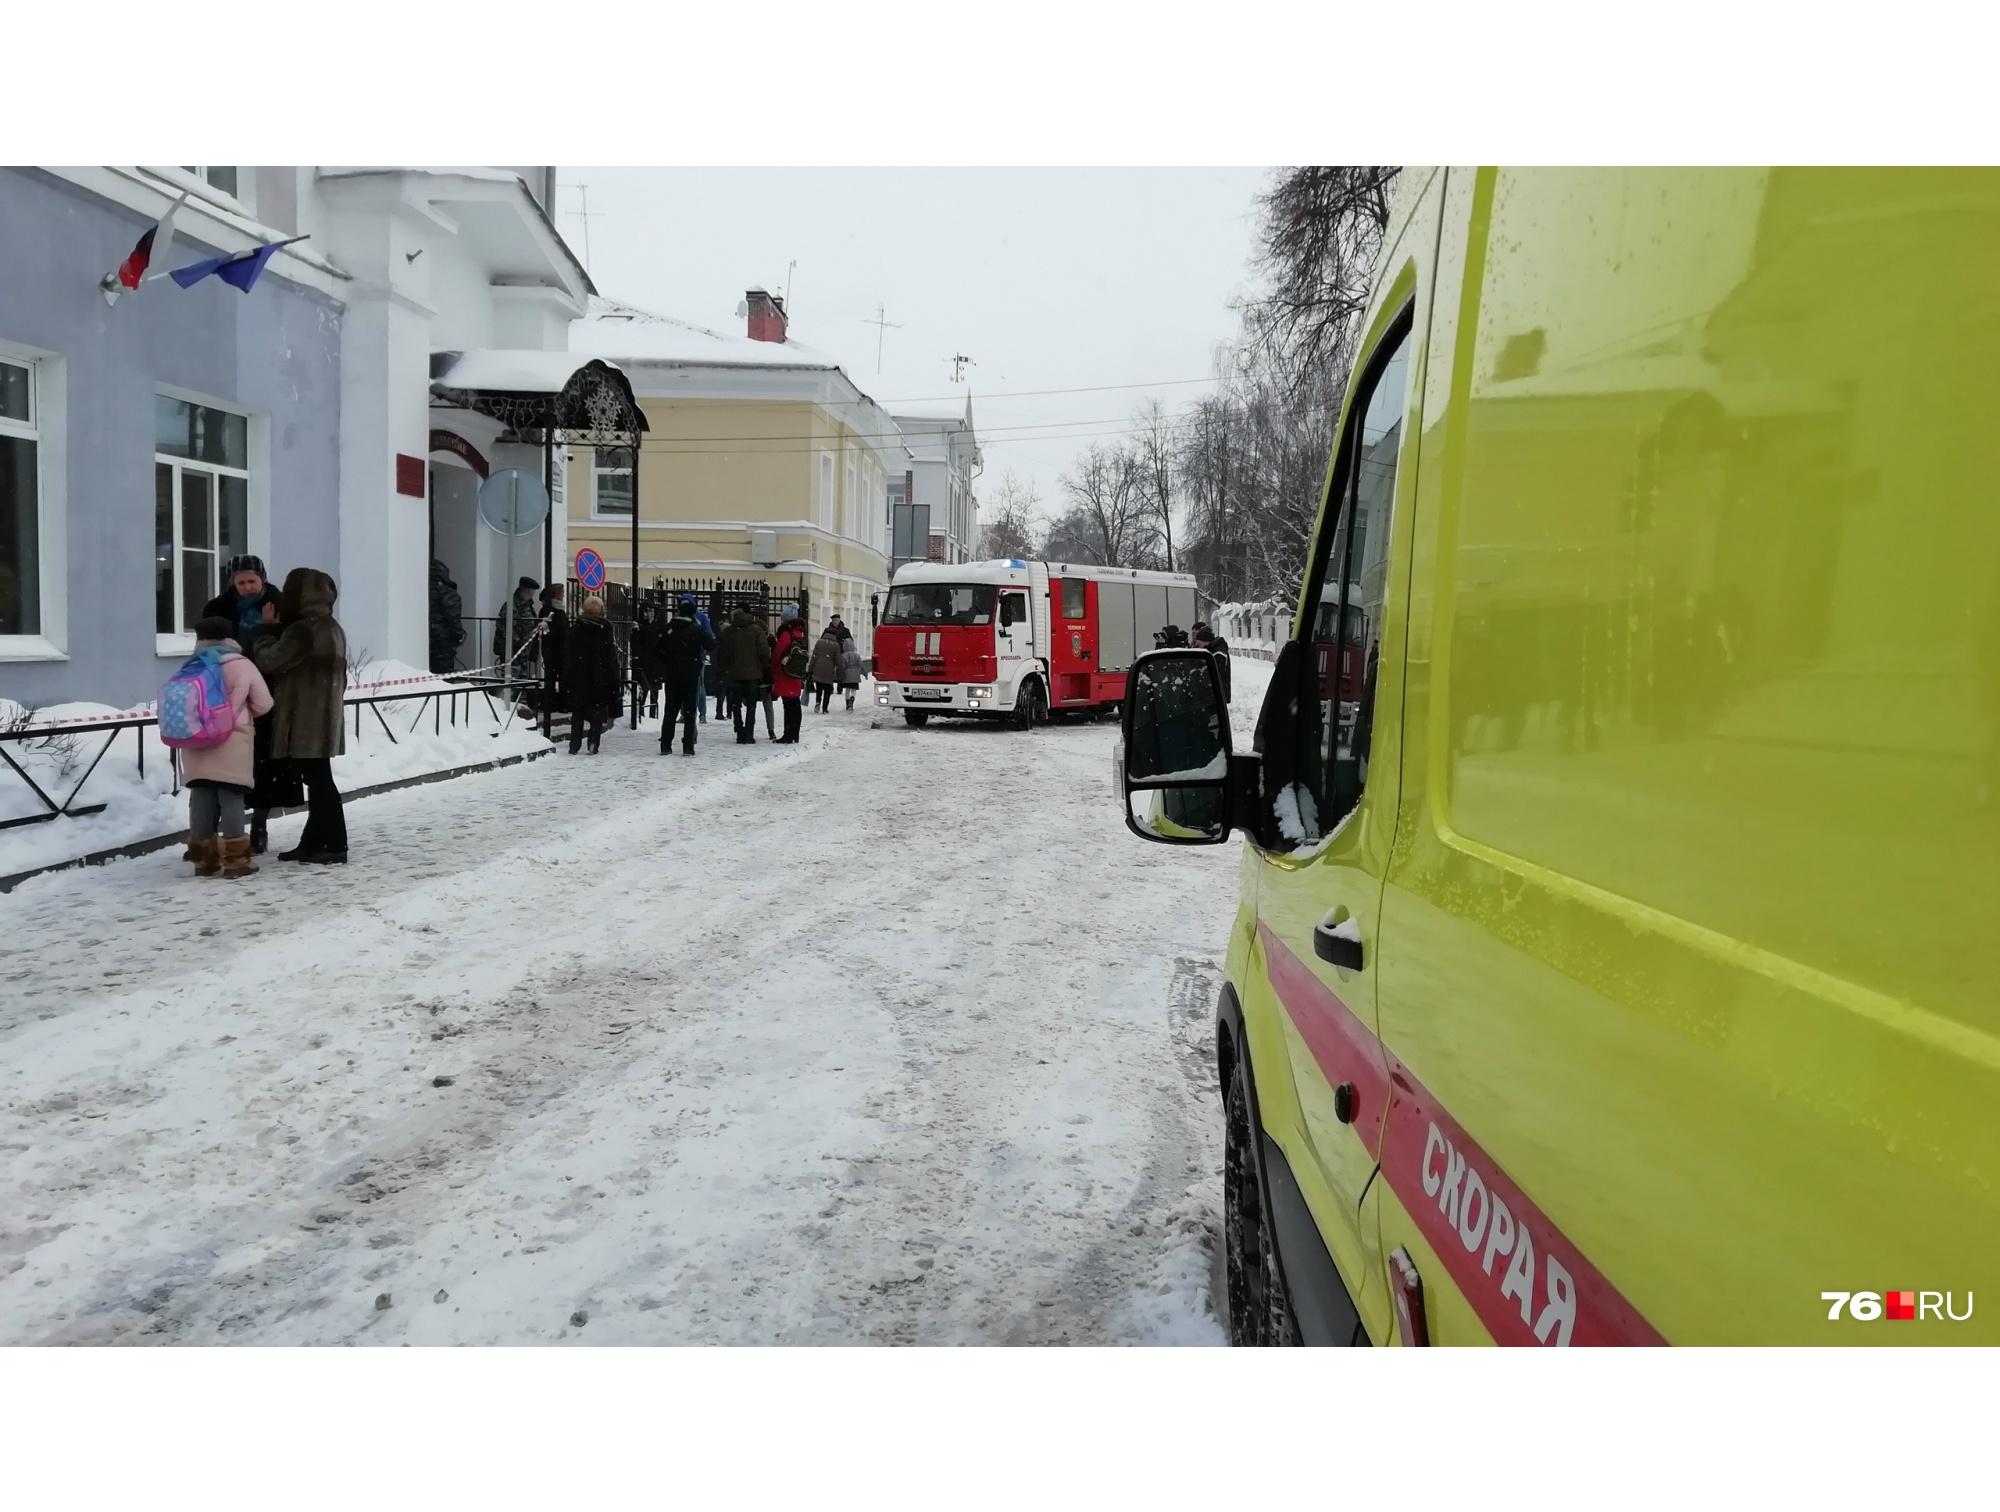 Сначала из школы эвакуировали всех людей, и к школе подъехали спецслужбы